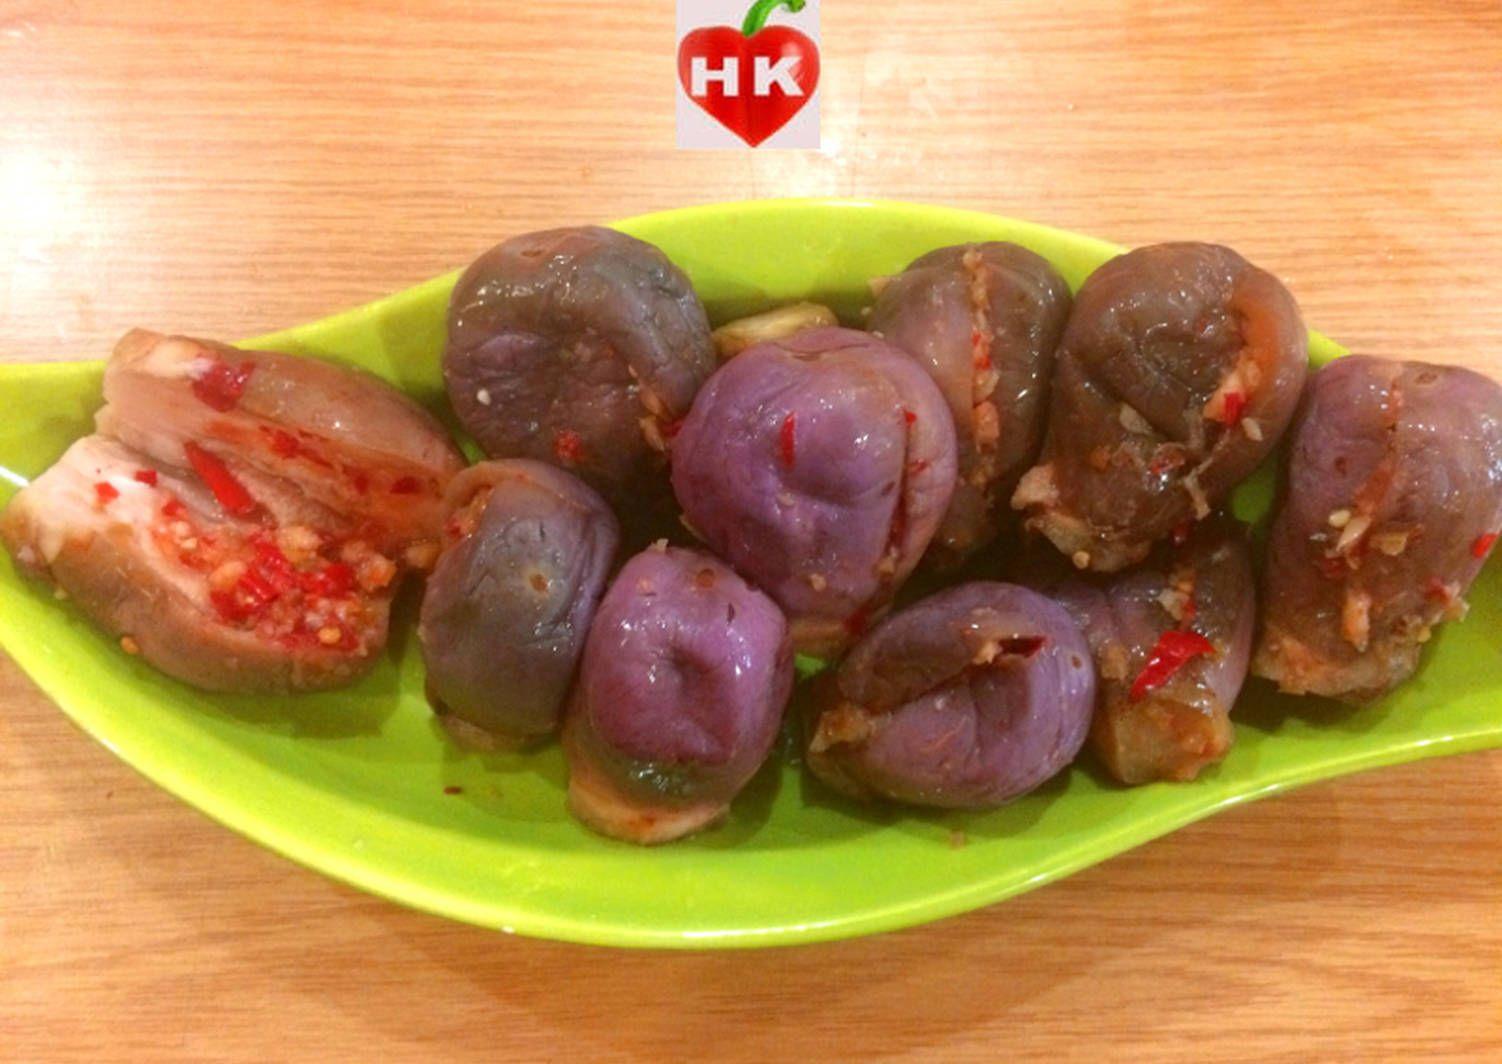 طريقة عمل مخلل الباذنجان الفلسطيني بالصور من مطبخ حمودي Hamoudi Mutfagi Recipe Cooking Vegetables Food